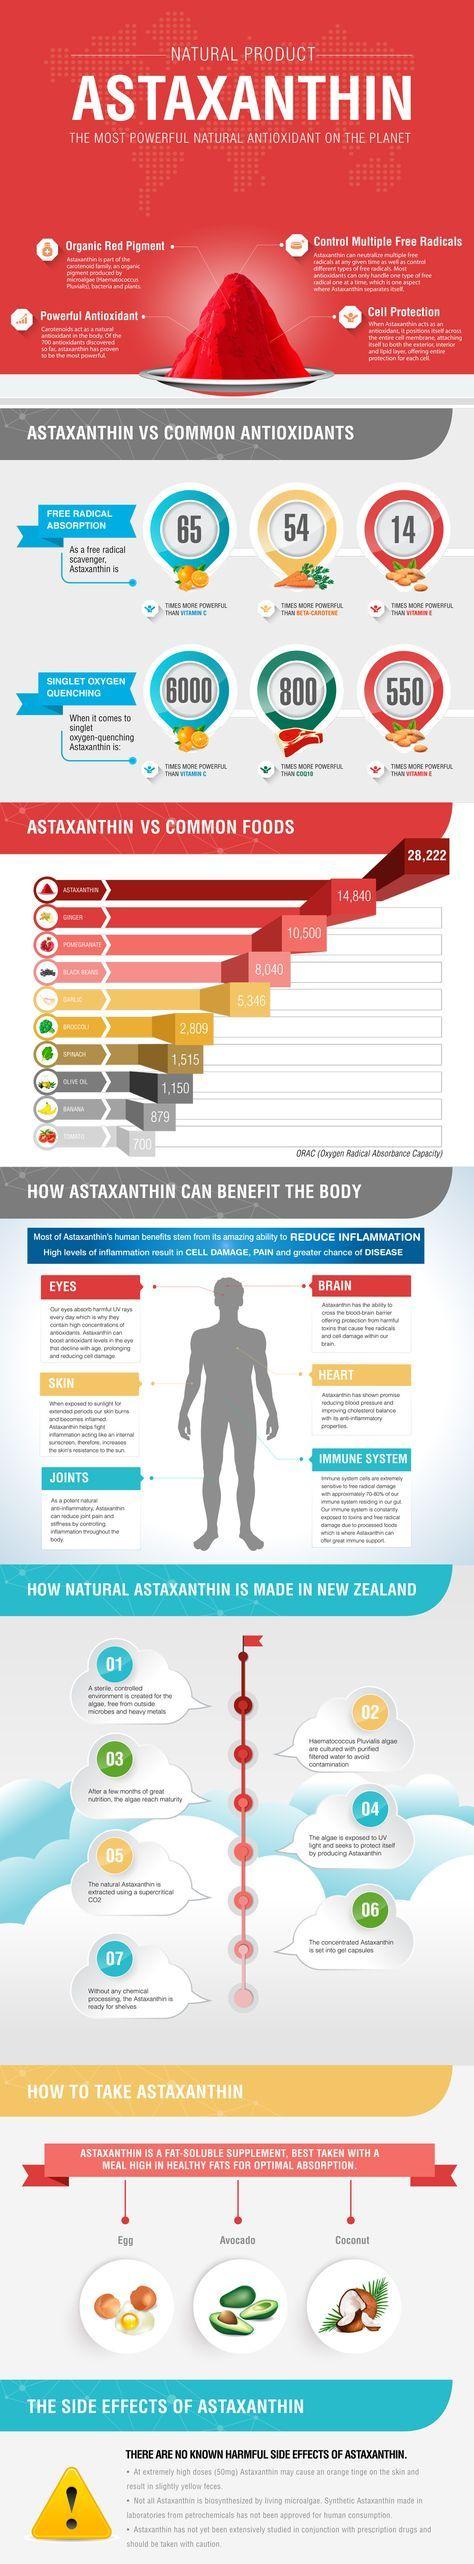 Astaxanthin - in der Natur das stärkste Antioxidanz, gibts hier: https://www.nature-rocket.shop?utm_source=Pinterest-weiterleitung&utm_medium=webseite&utm_campaign=von%20Pitts%20Pinwand